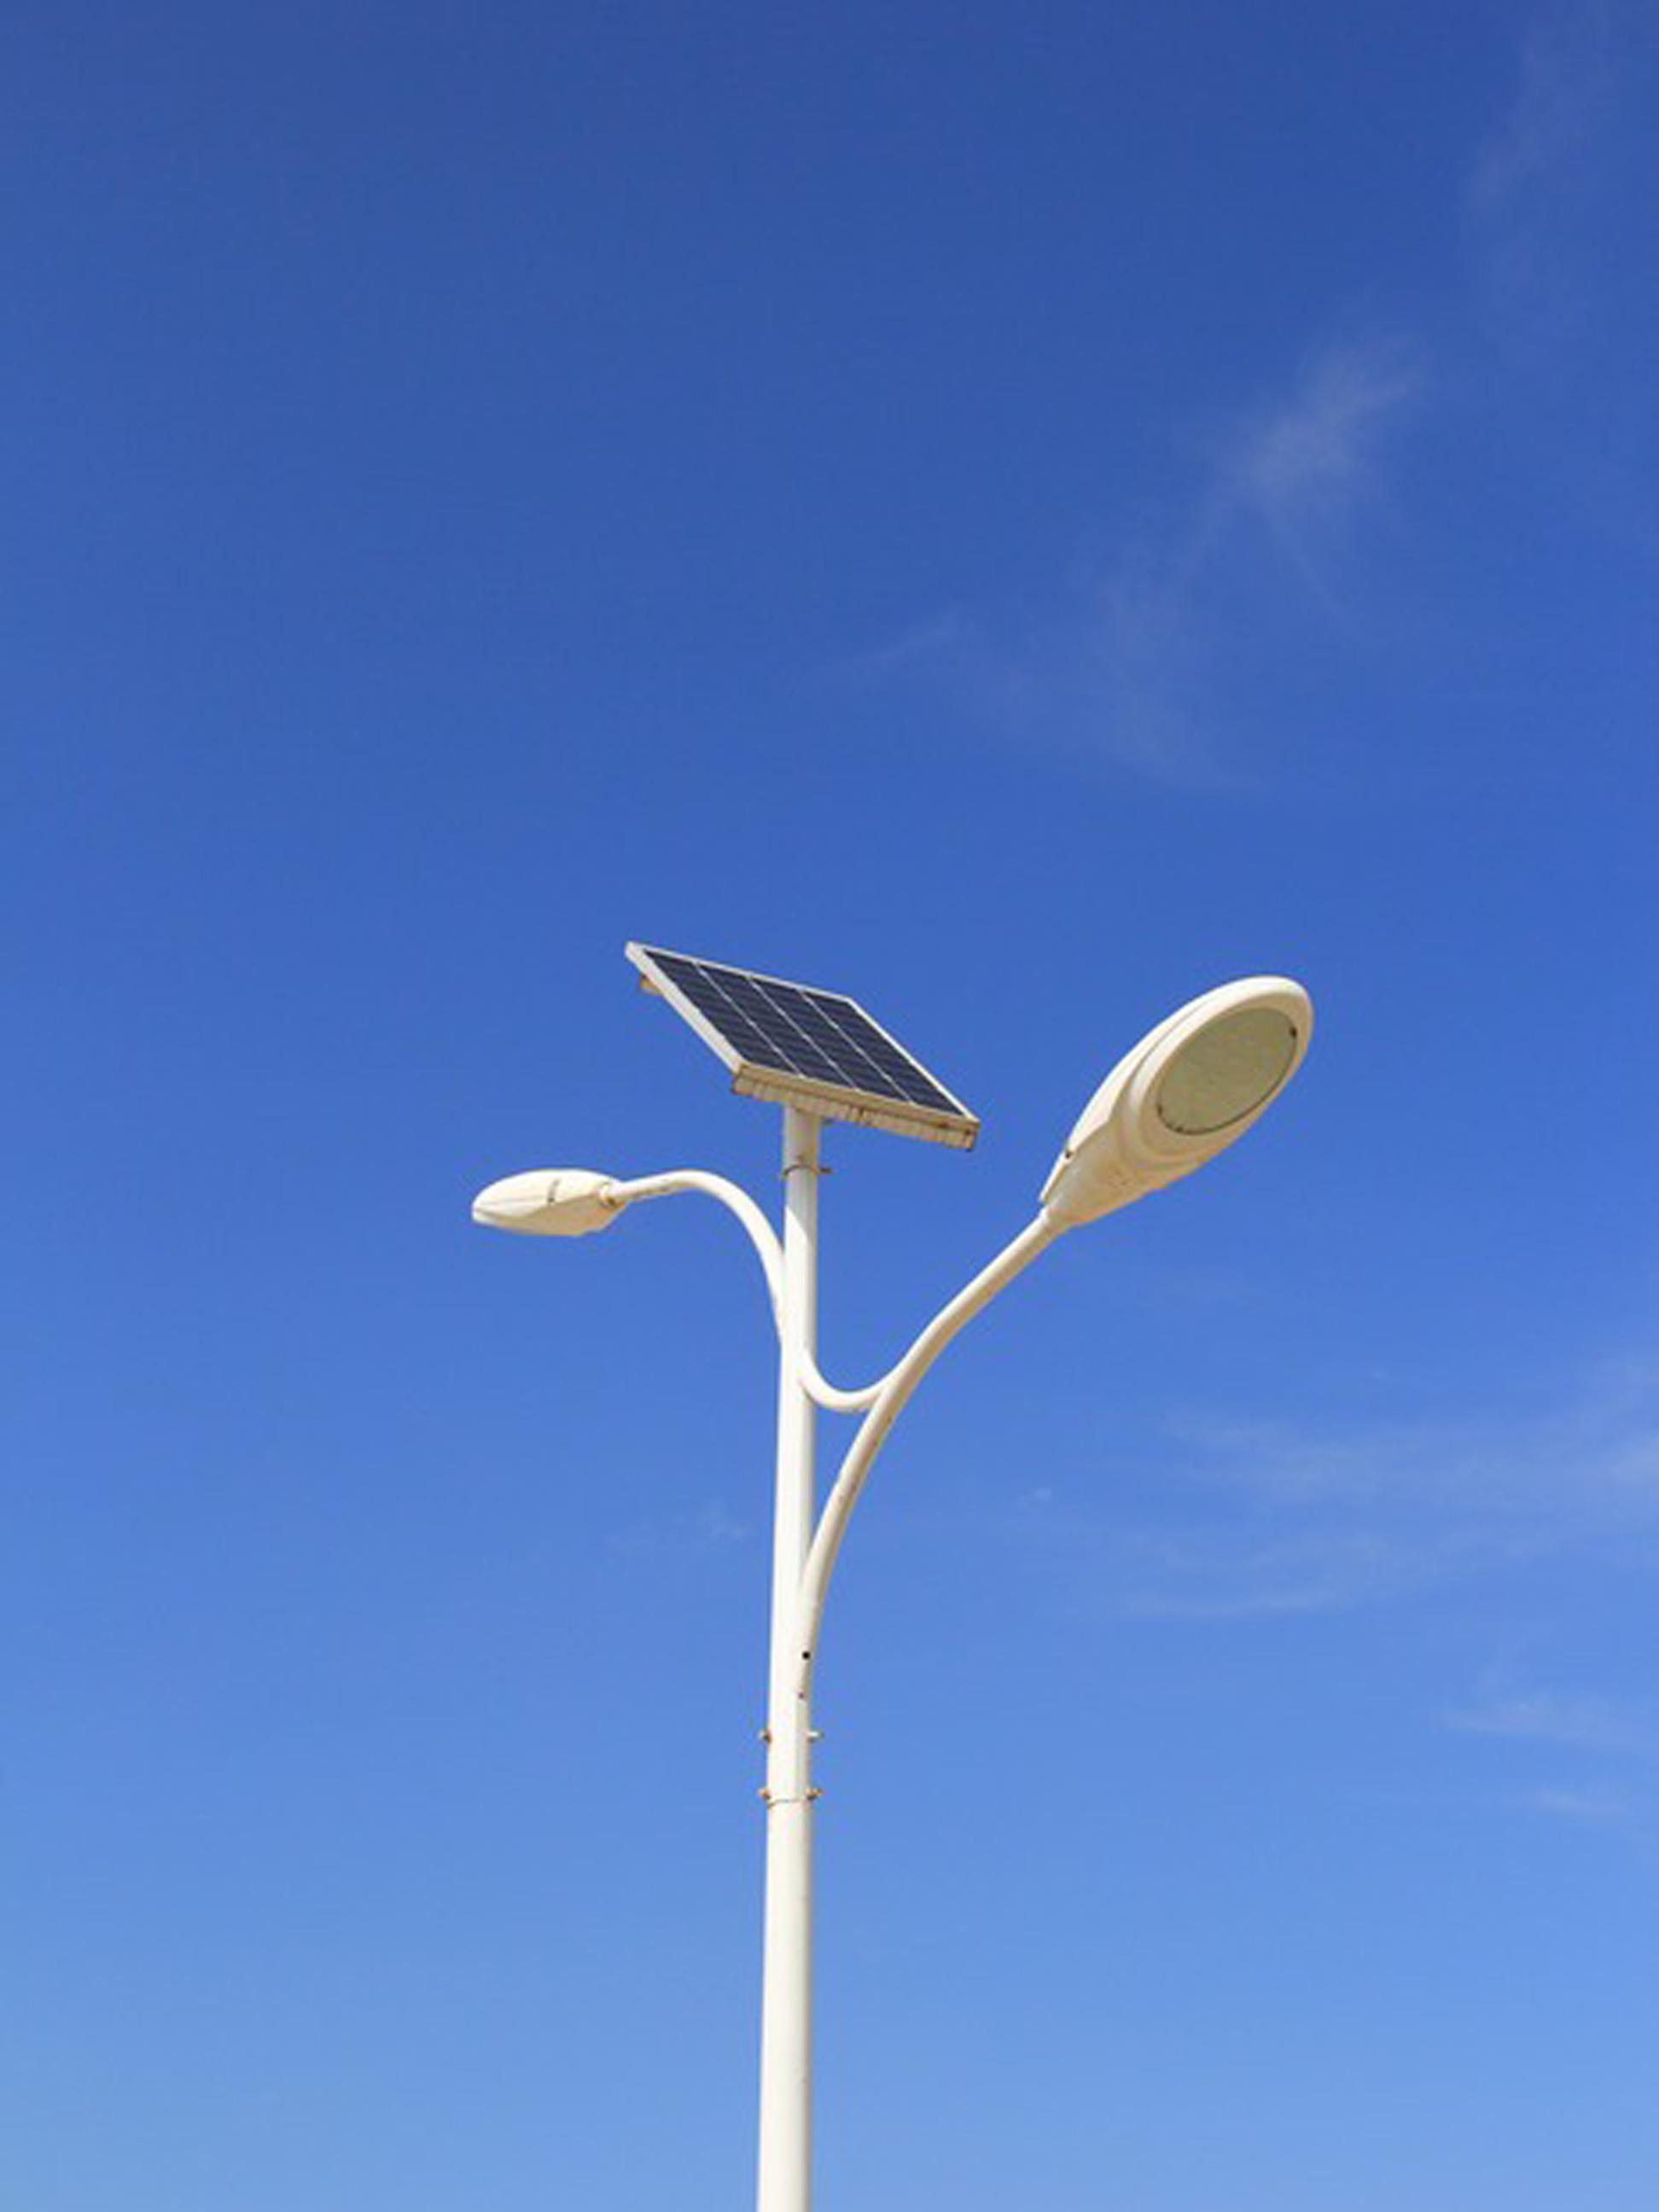 太阳能路灯案例2